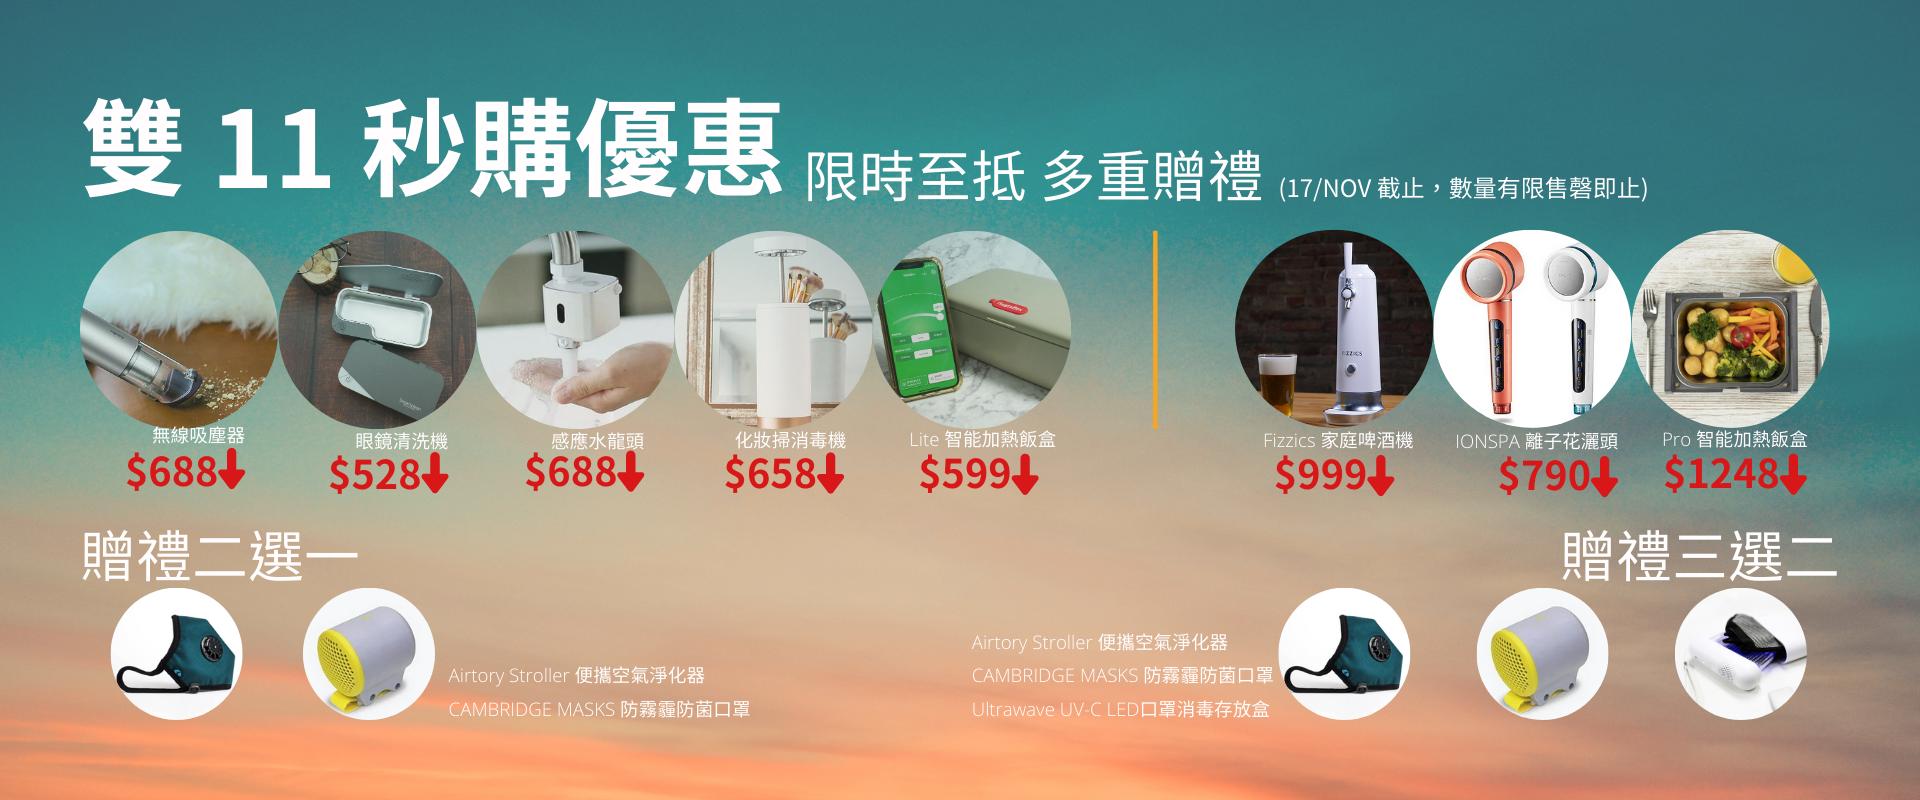 【雙 11 優惠】 無線吸塵機至抵 $528 生活良品加碼超值贈禮